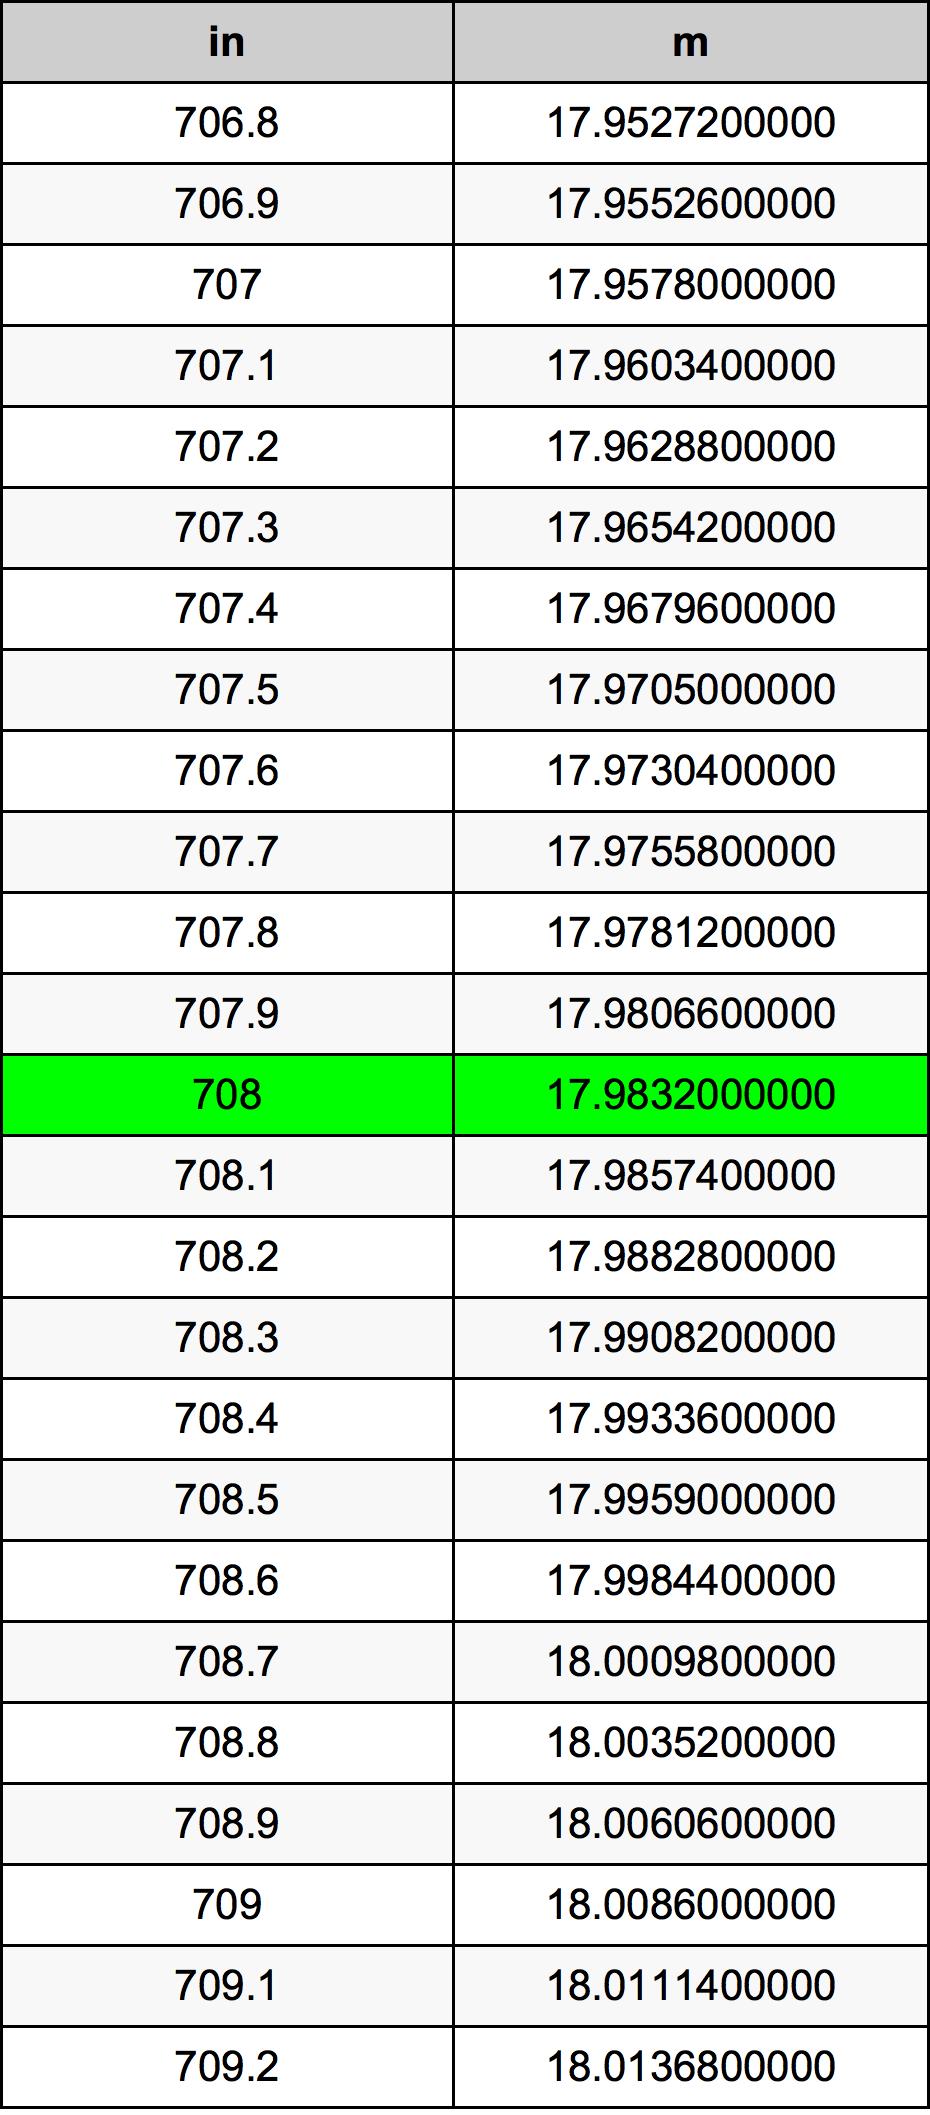 708 Pulzier konverżjoni tabella